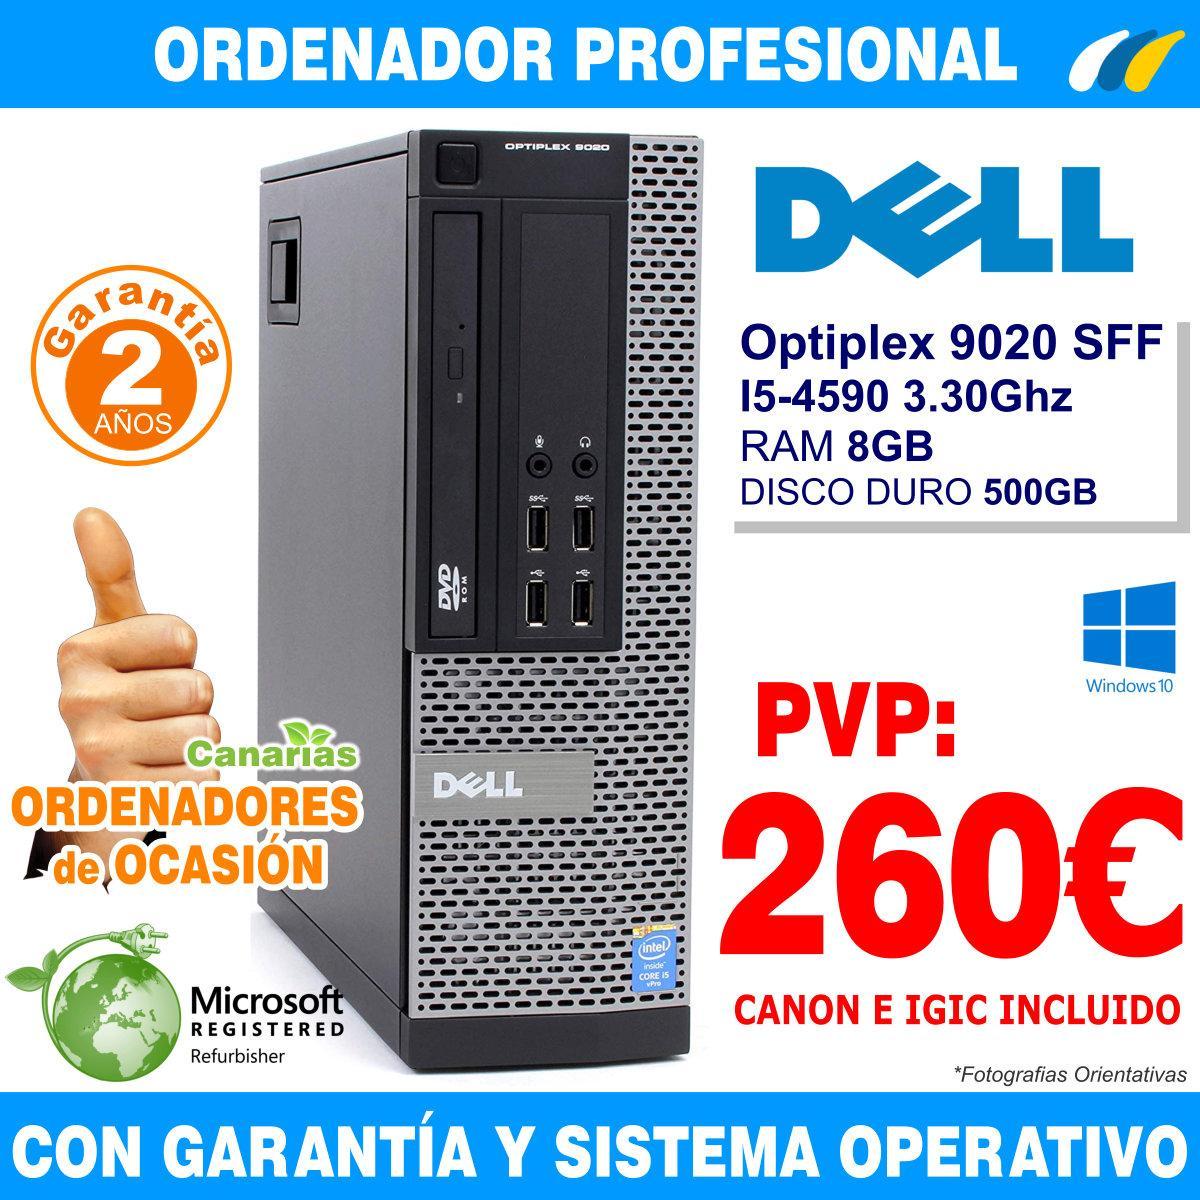 Intel Core i5-4590 3.30Ghz 8GB 500GB - Dell Optiplex 9020 SFF